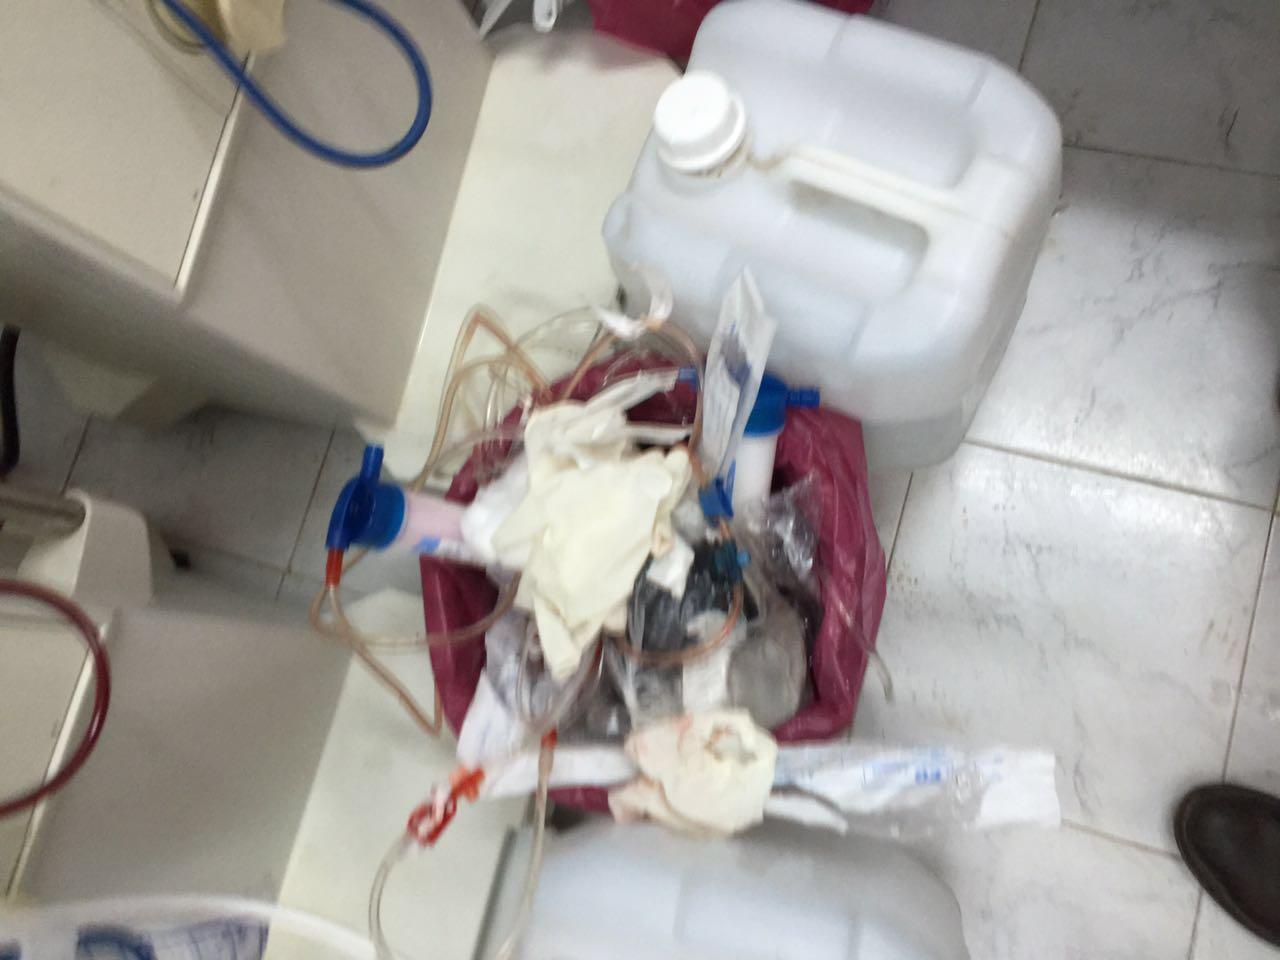 صور.. تراكم المخلفات الطبية داخل غرف المرضى بمستشفى إدفو